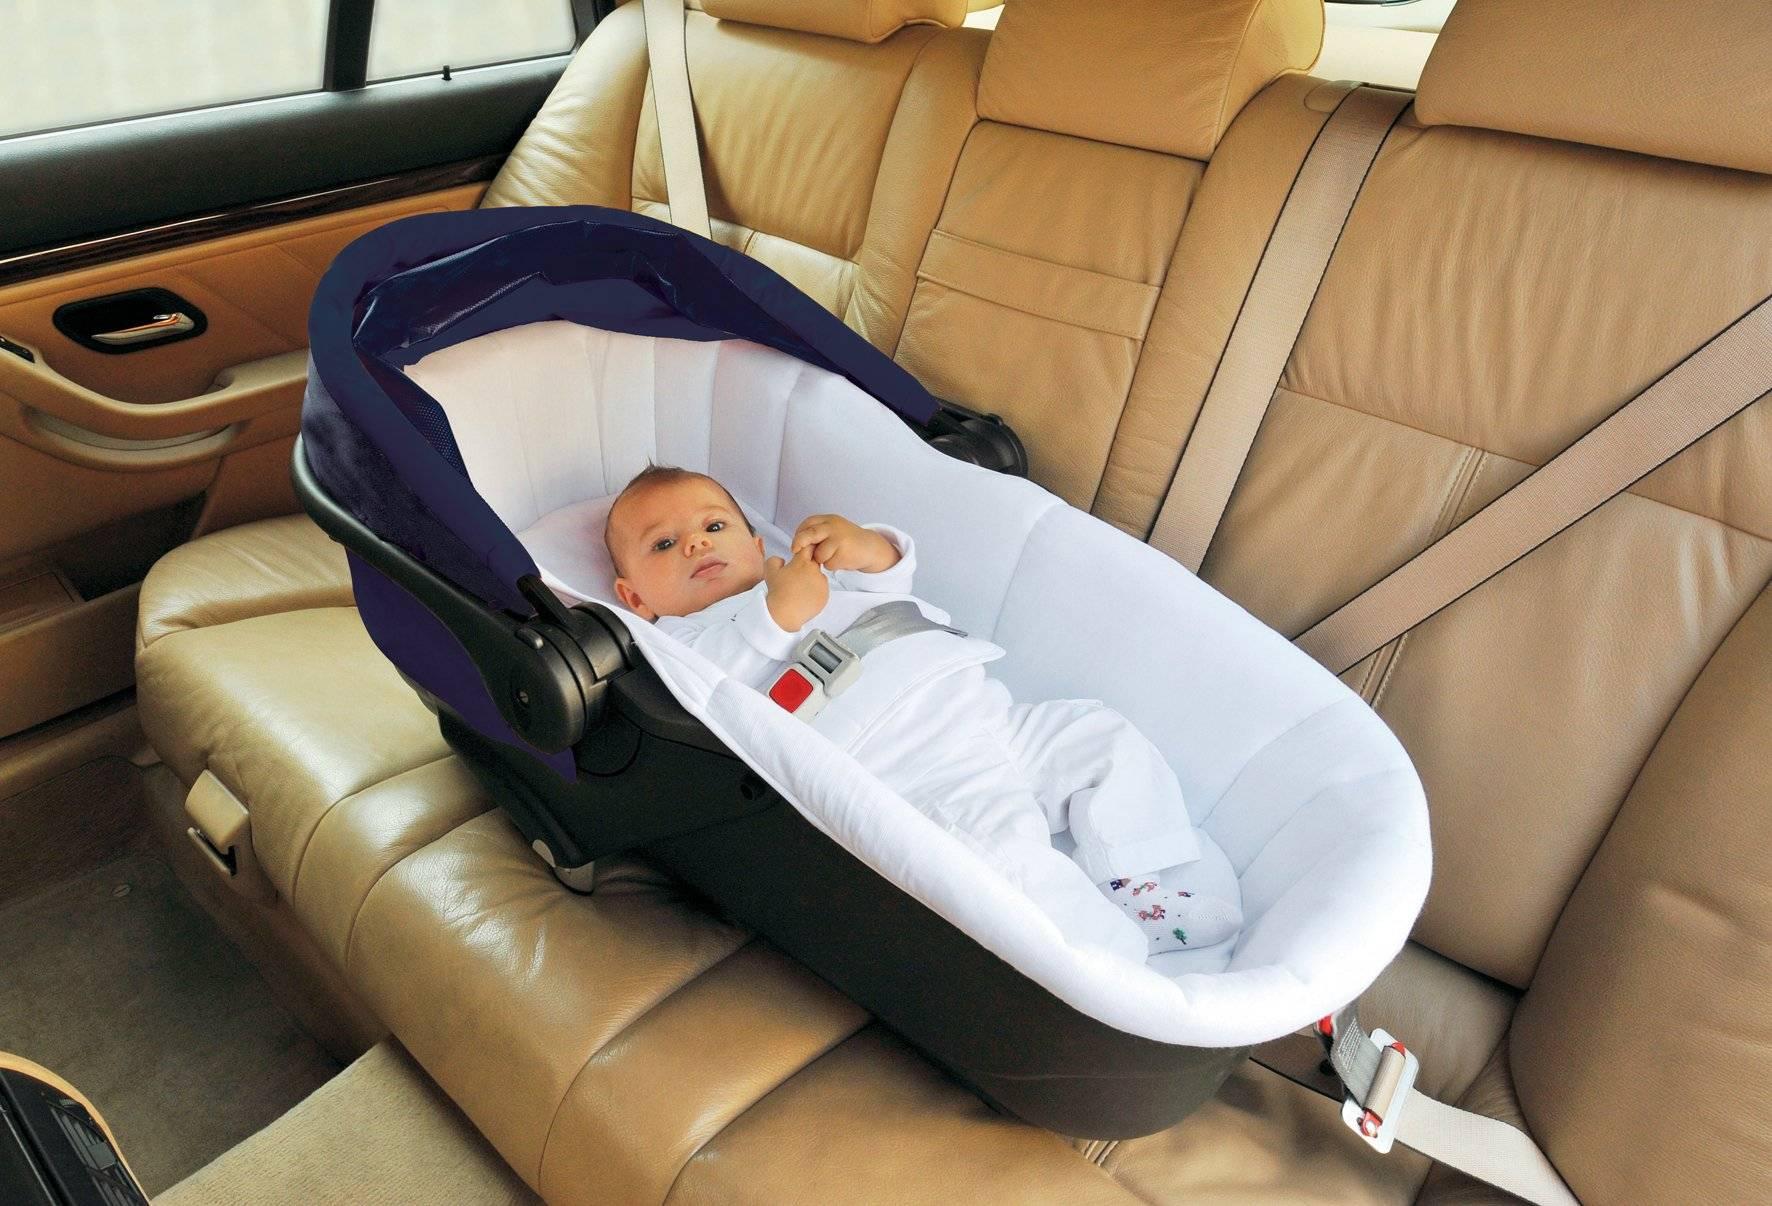 """Автолюлька для новорожденных: люлька в машину с лежачим положением для ребёнка, модель """"0+"""", как правильно положить грудничка и как выбрать детское кресло"""